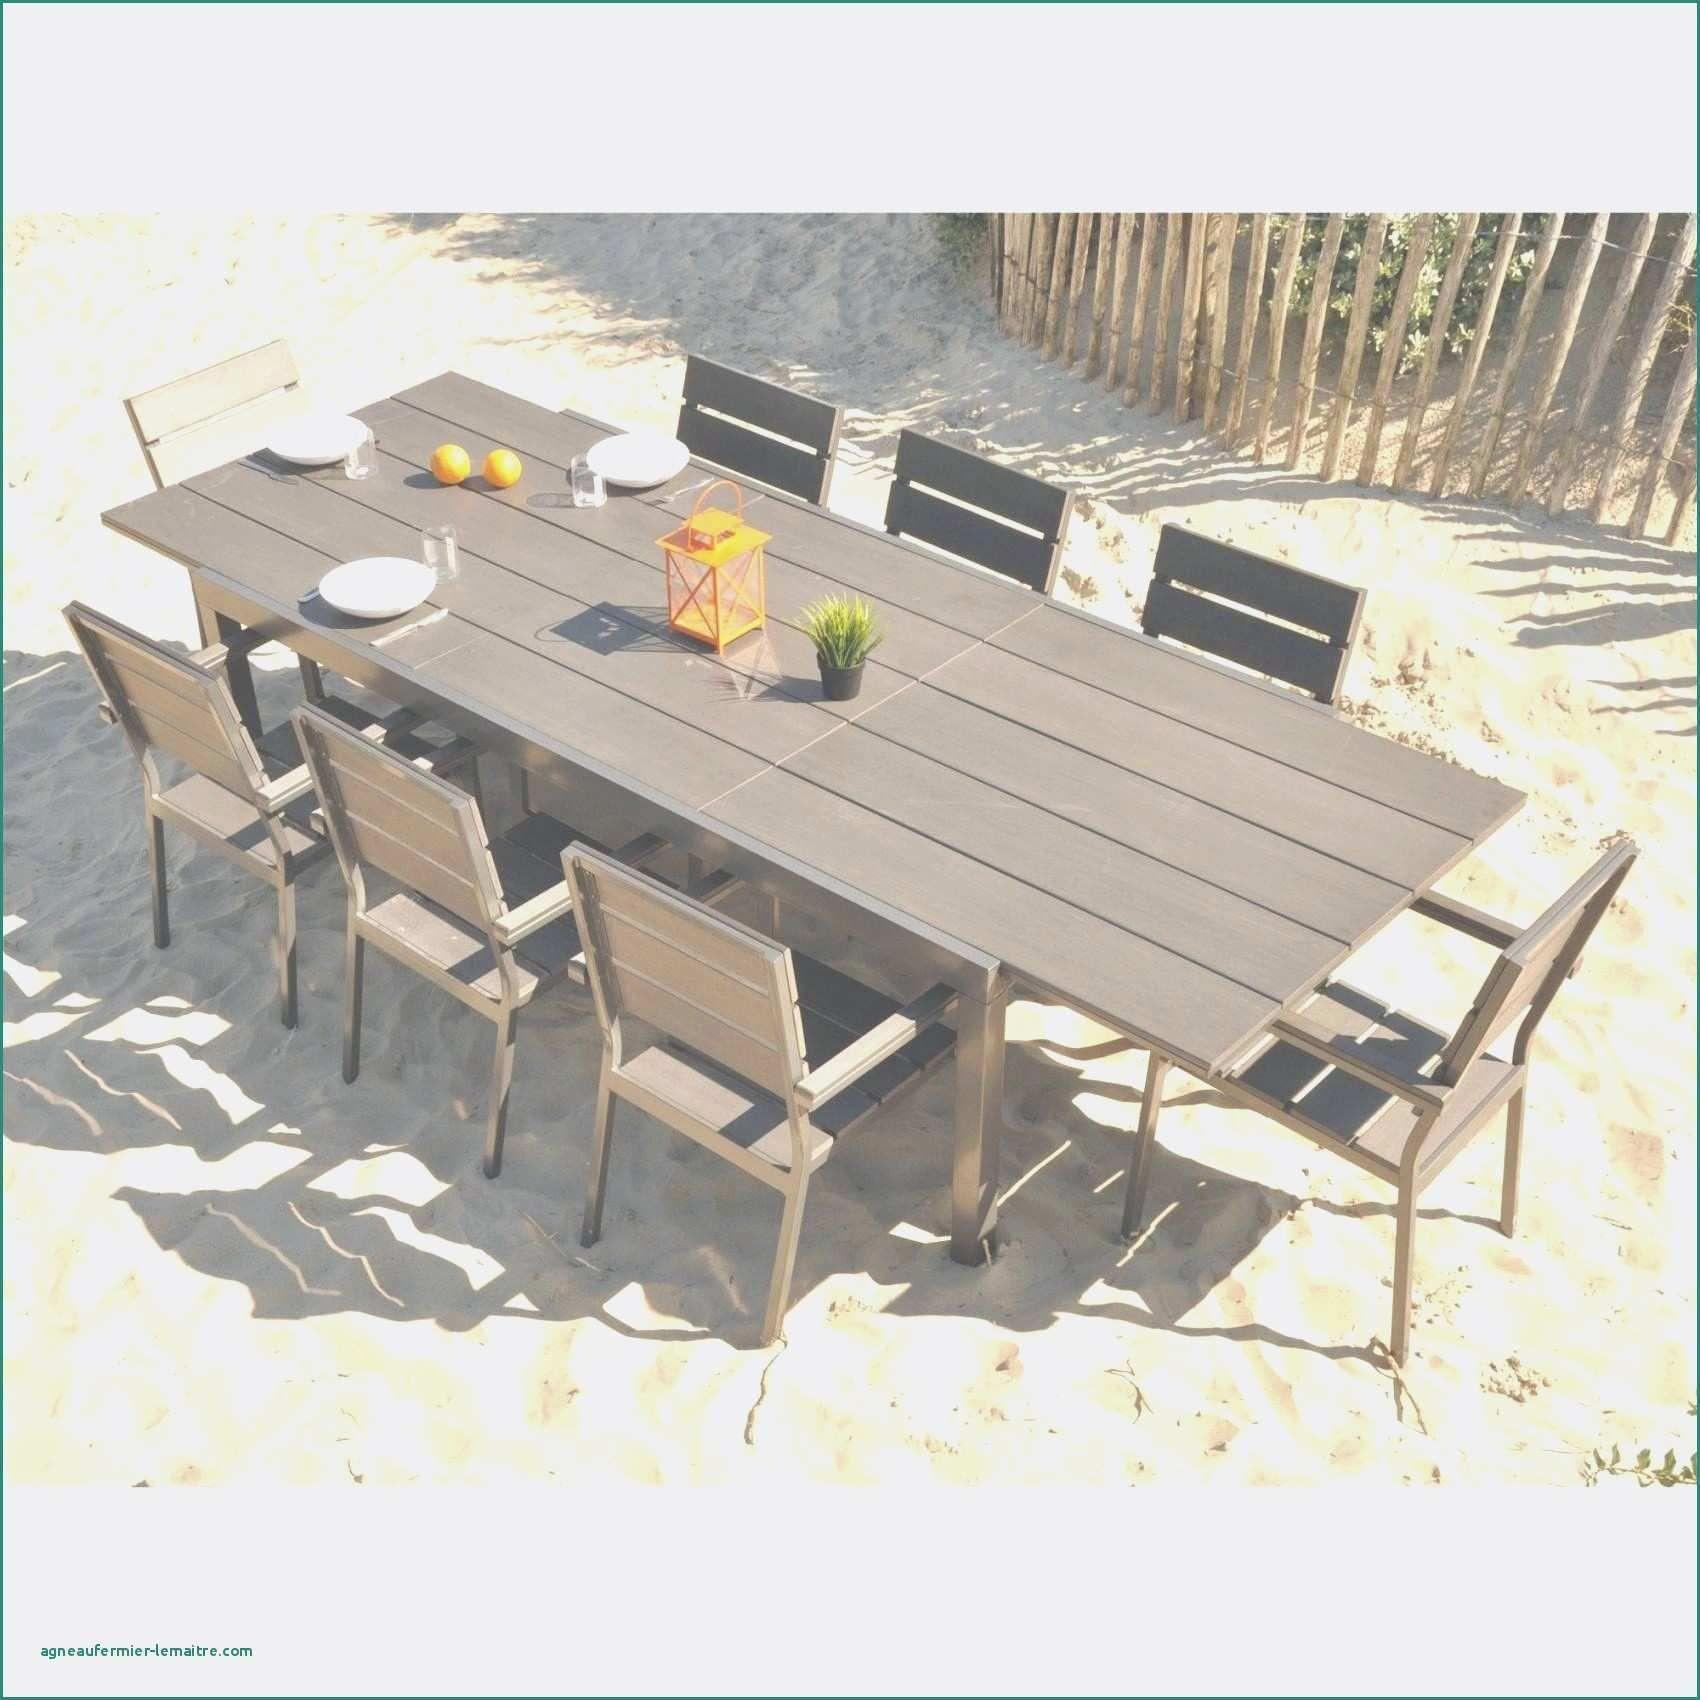 table et chaise de jardin castorama etonnant table teck jardin castorama aussi chaise de jardin pliante des images of table et chaise de jardin castorama